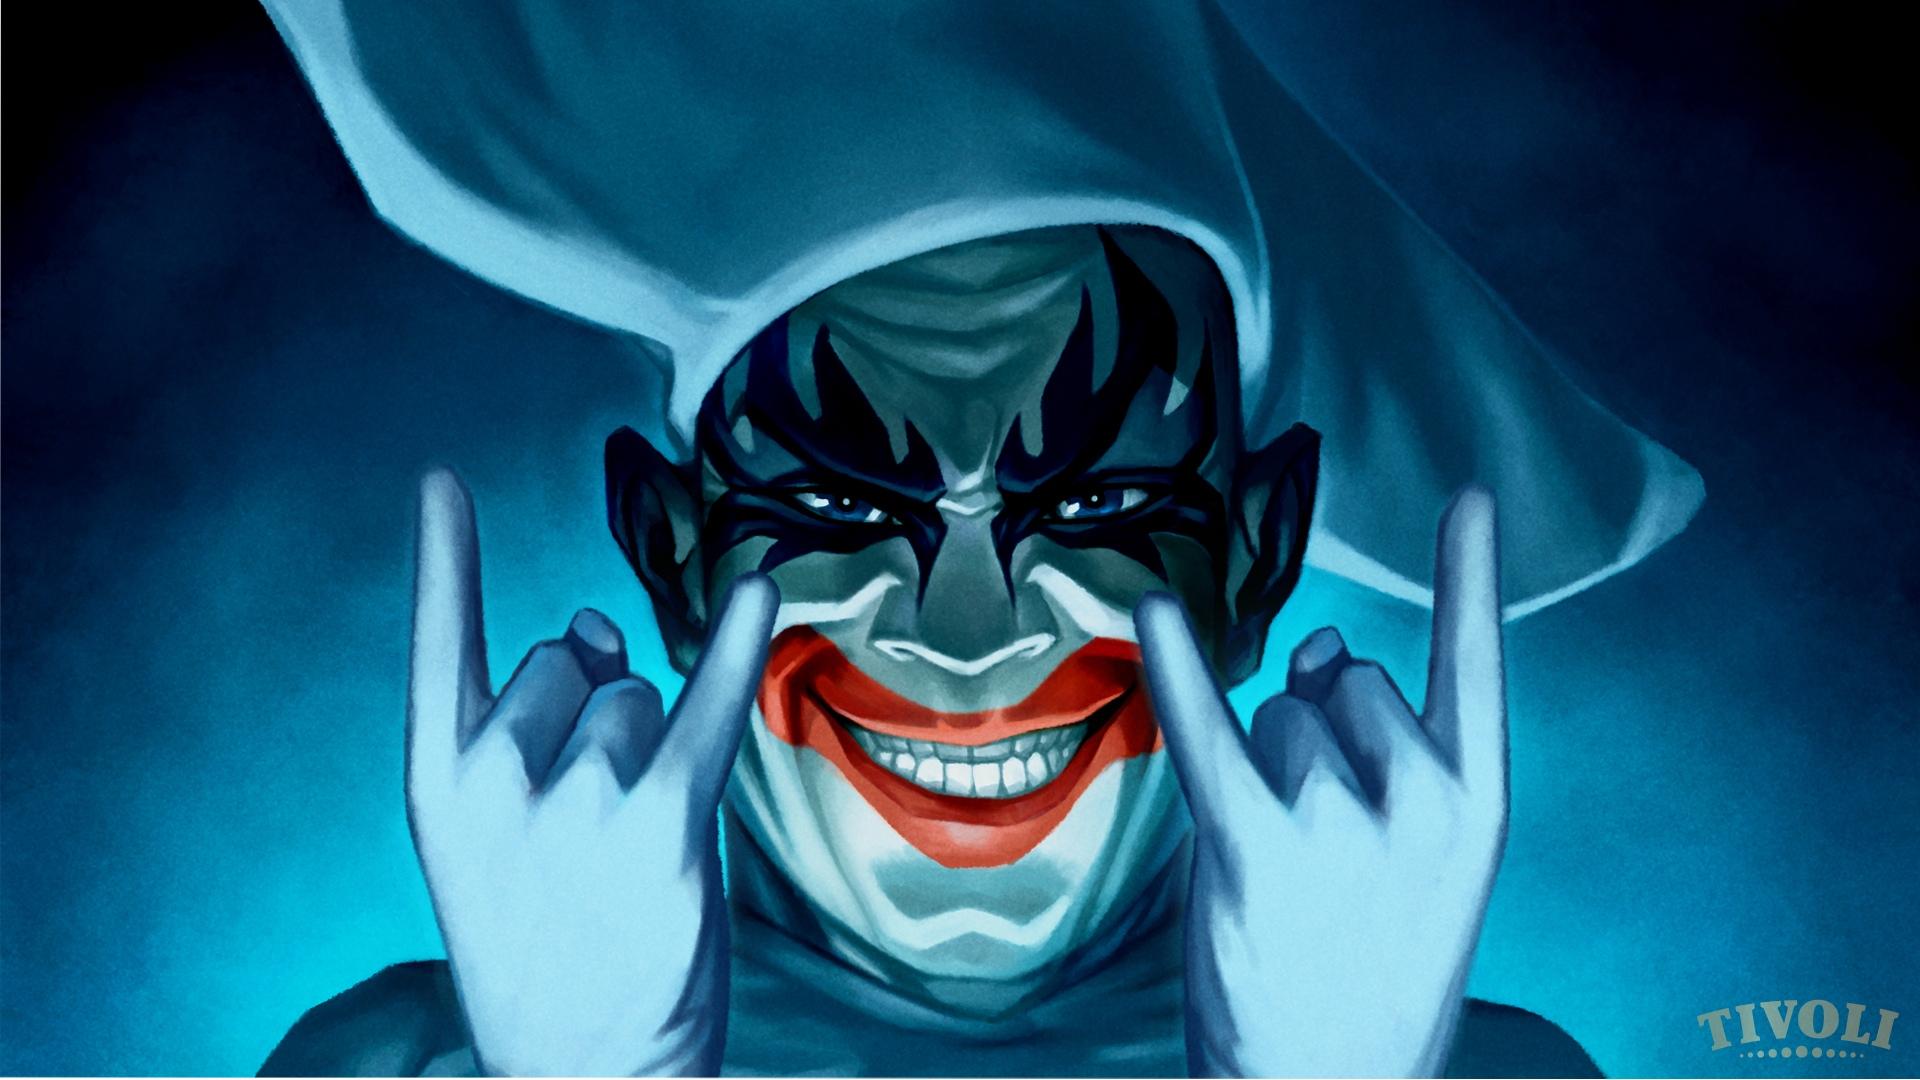 Joker full hd fondo de pantalla and fondo de escritorio for Fondo de pantalla joker hd